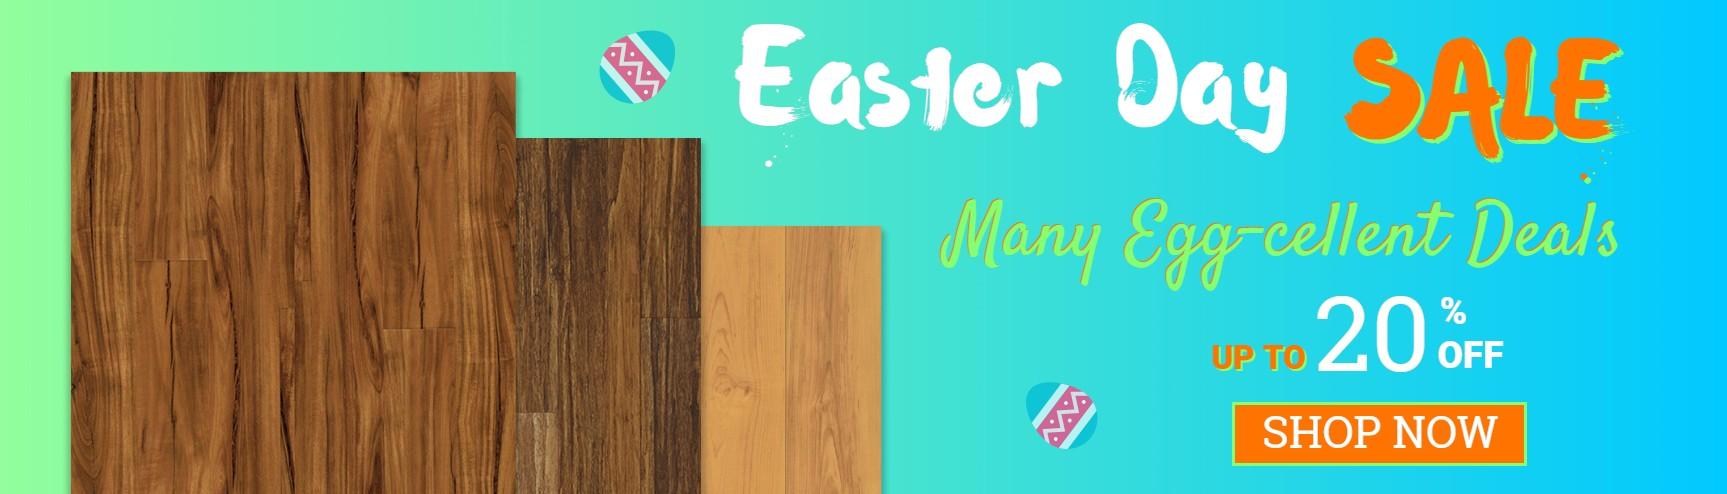 go-for-floors-easter-day-sale-banner.jpg